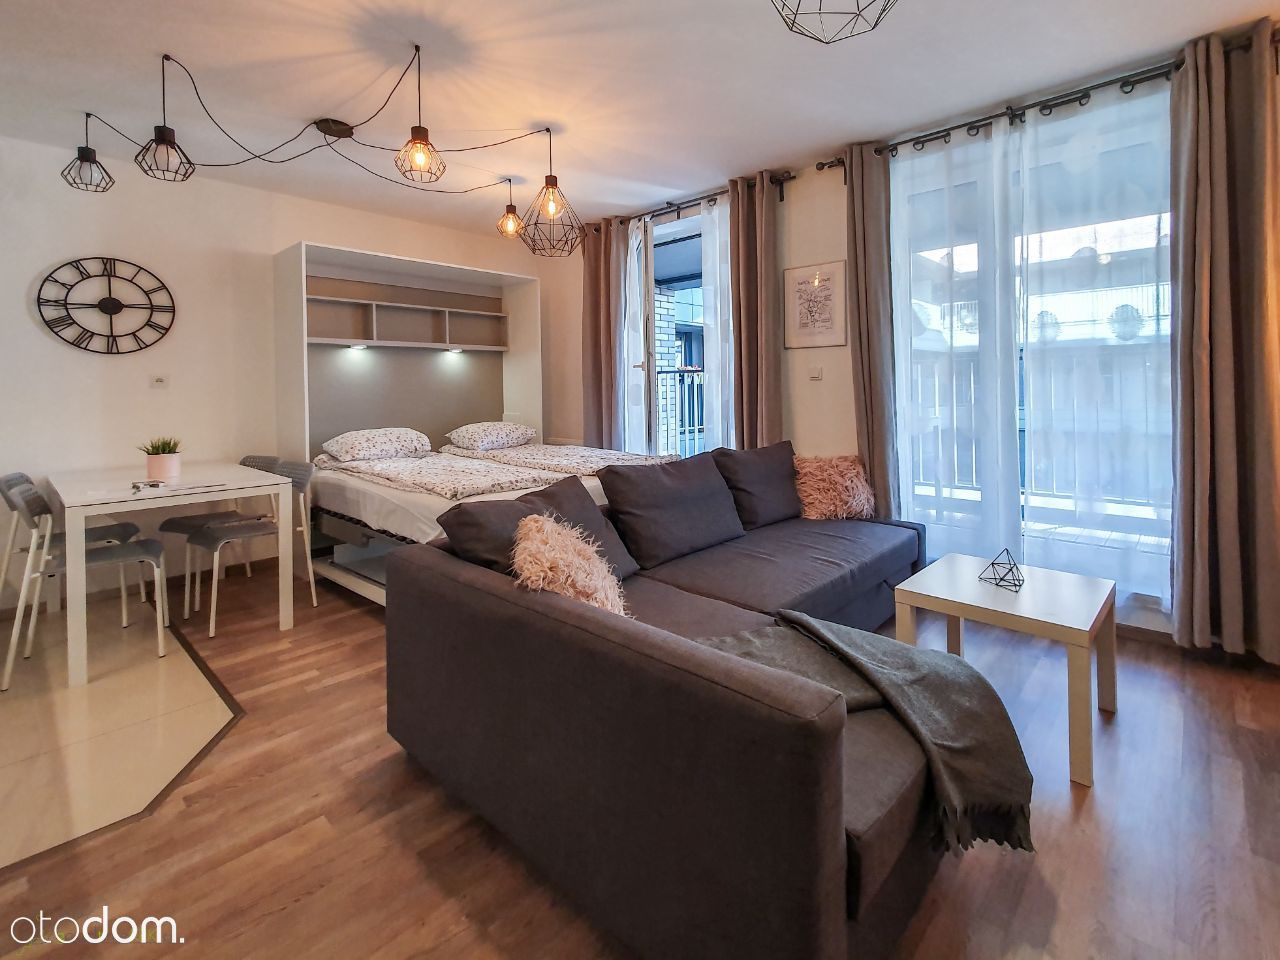 Nadwiślańska 11, apartament 31m2, wynajmę